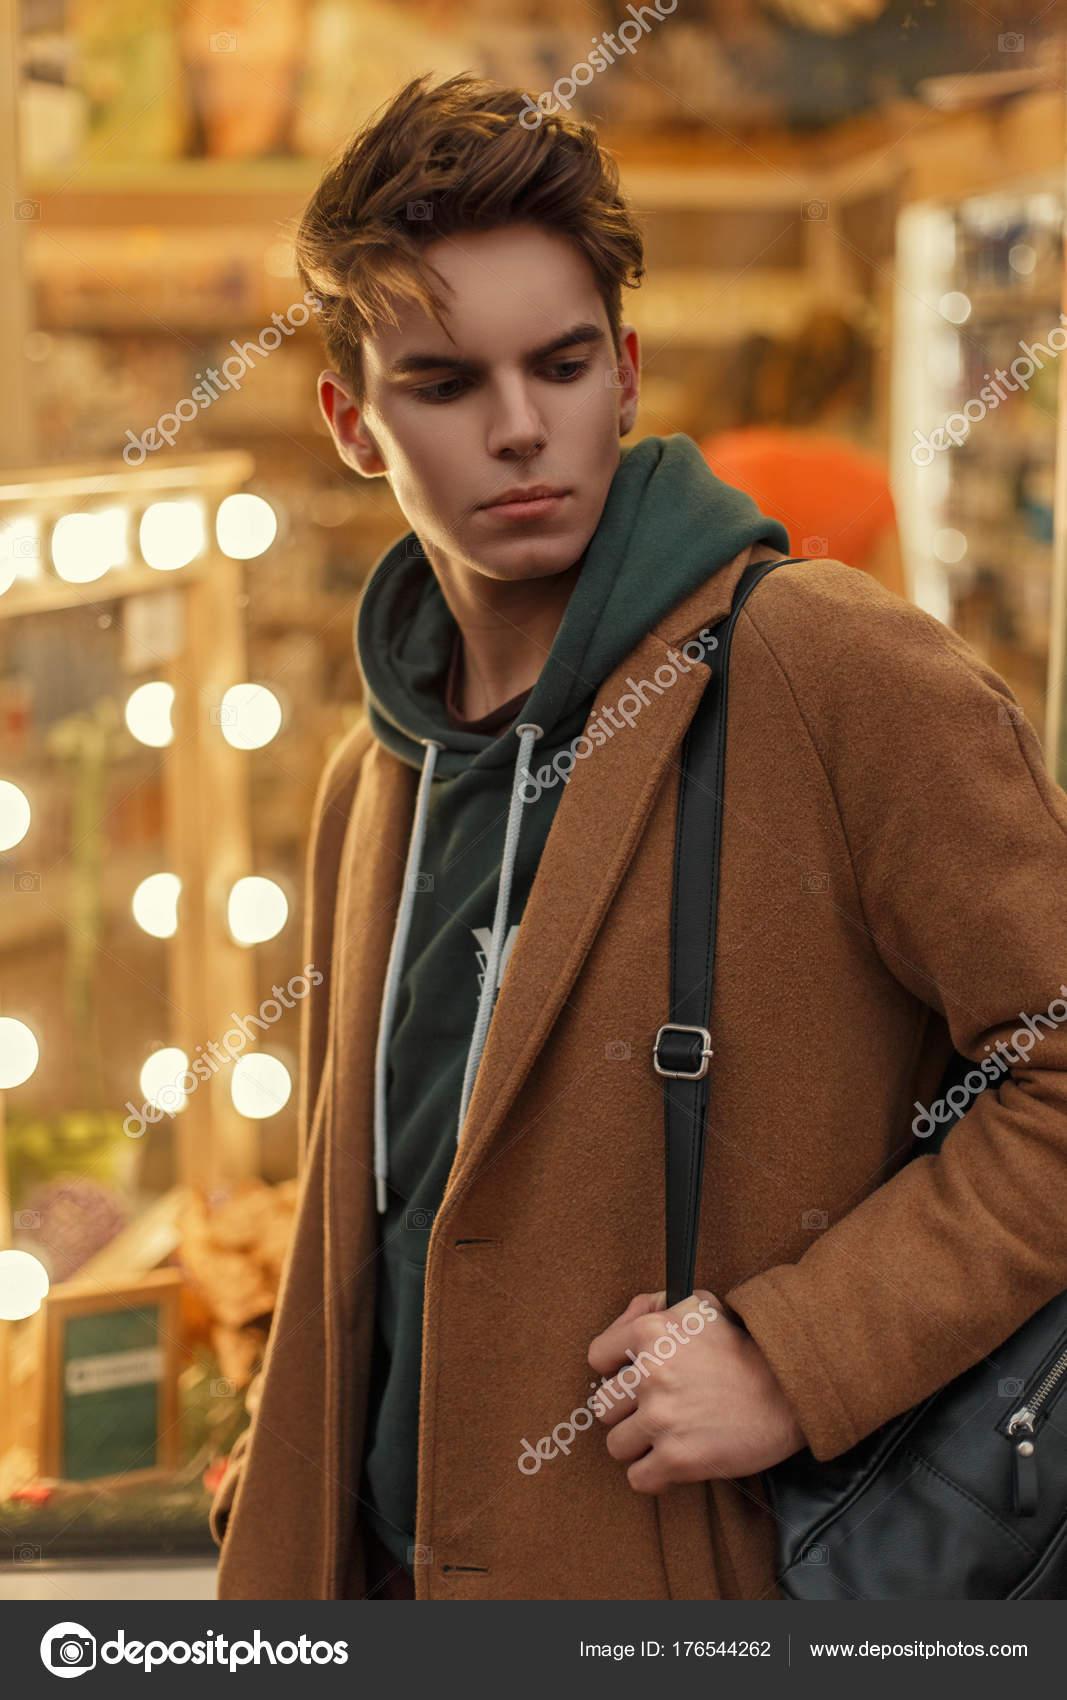 c492f18113 Giovane modello bello uomo con un taglio di capelli in un cappotto ...